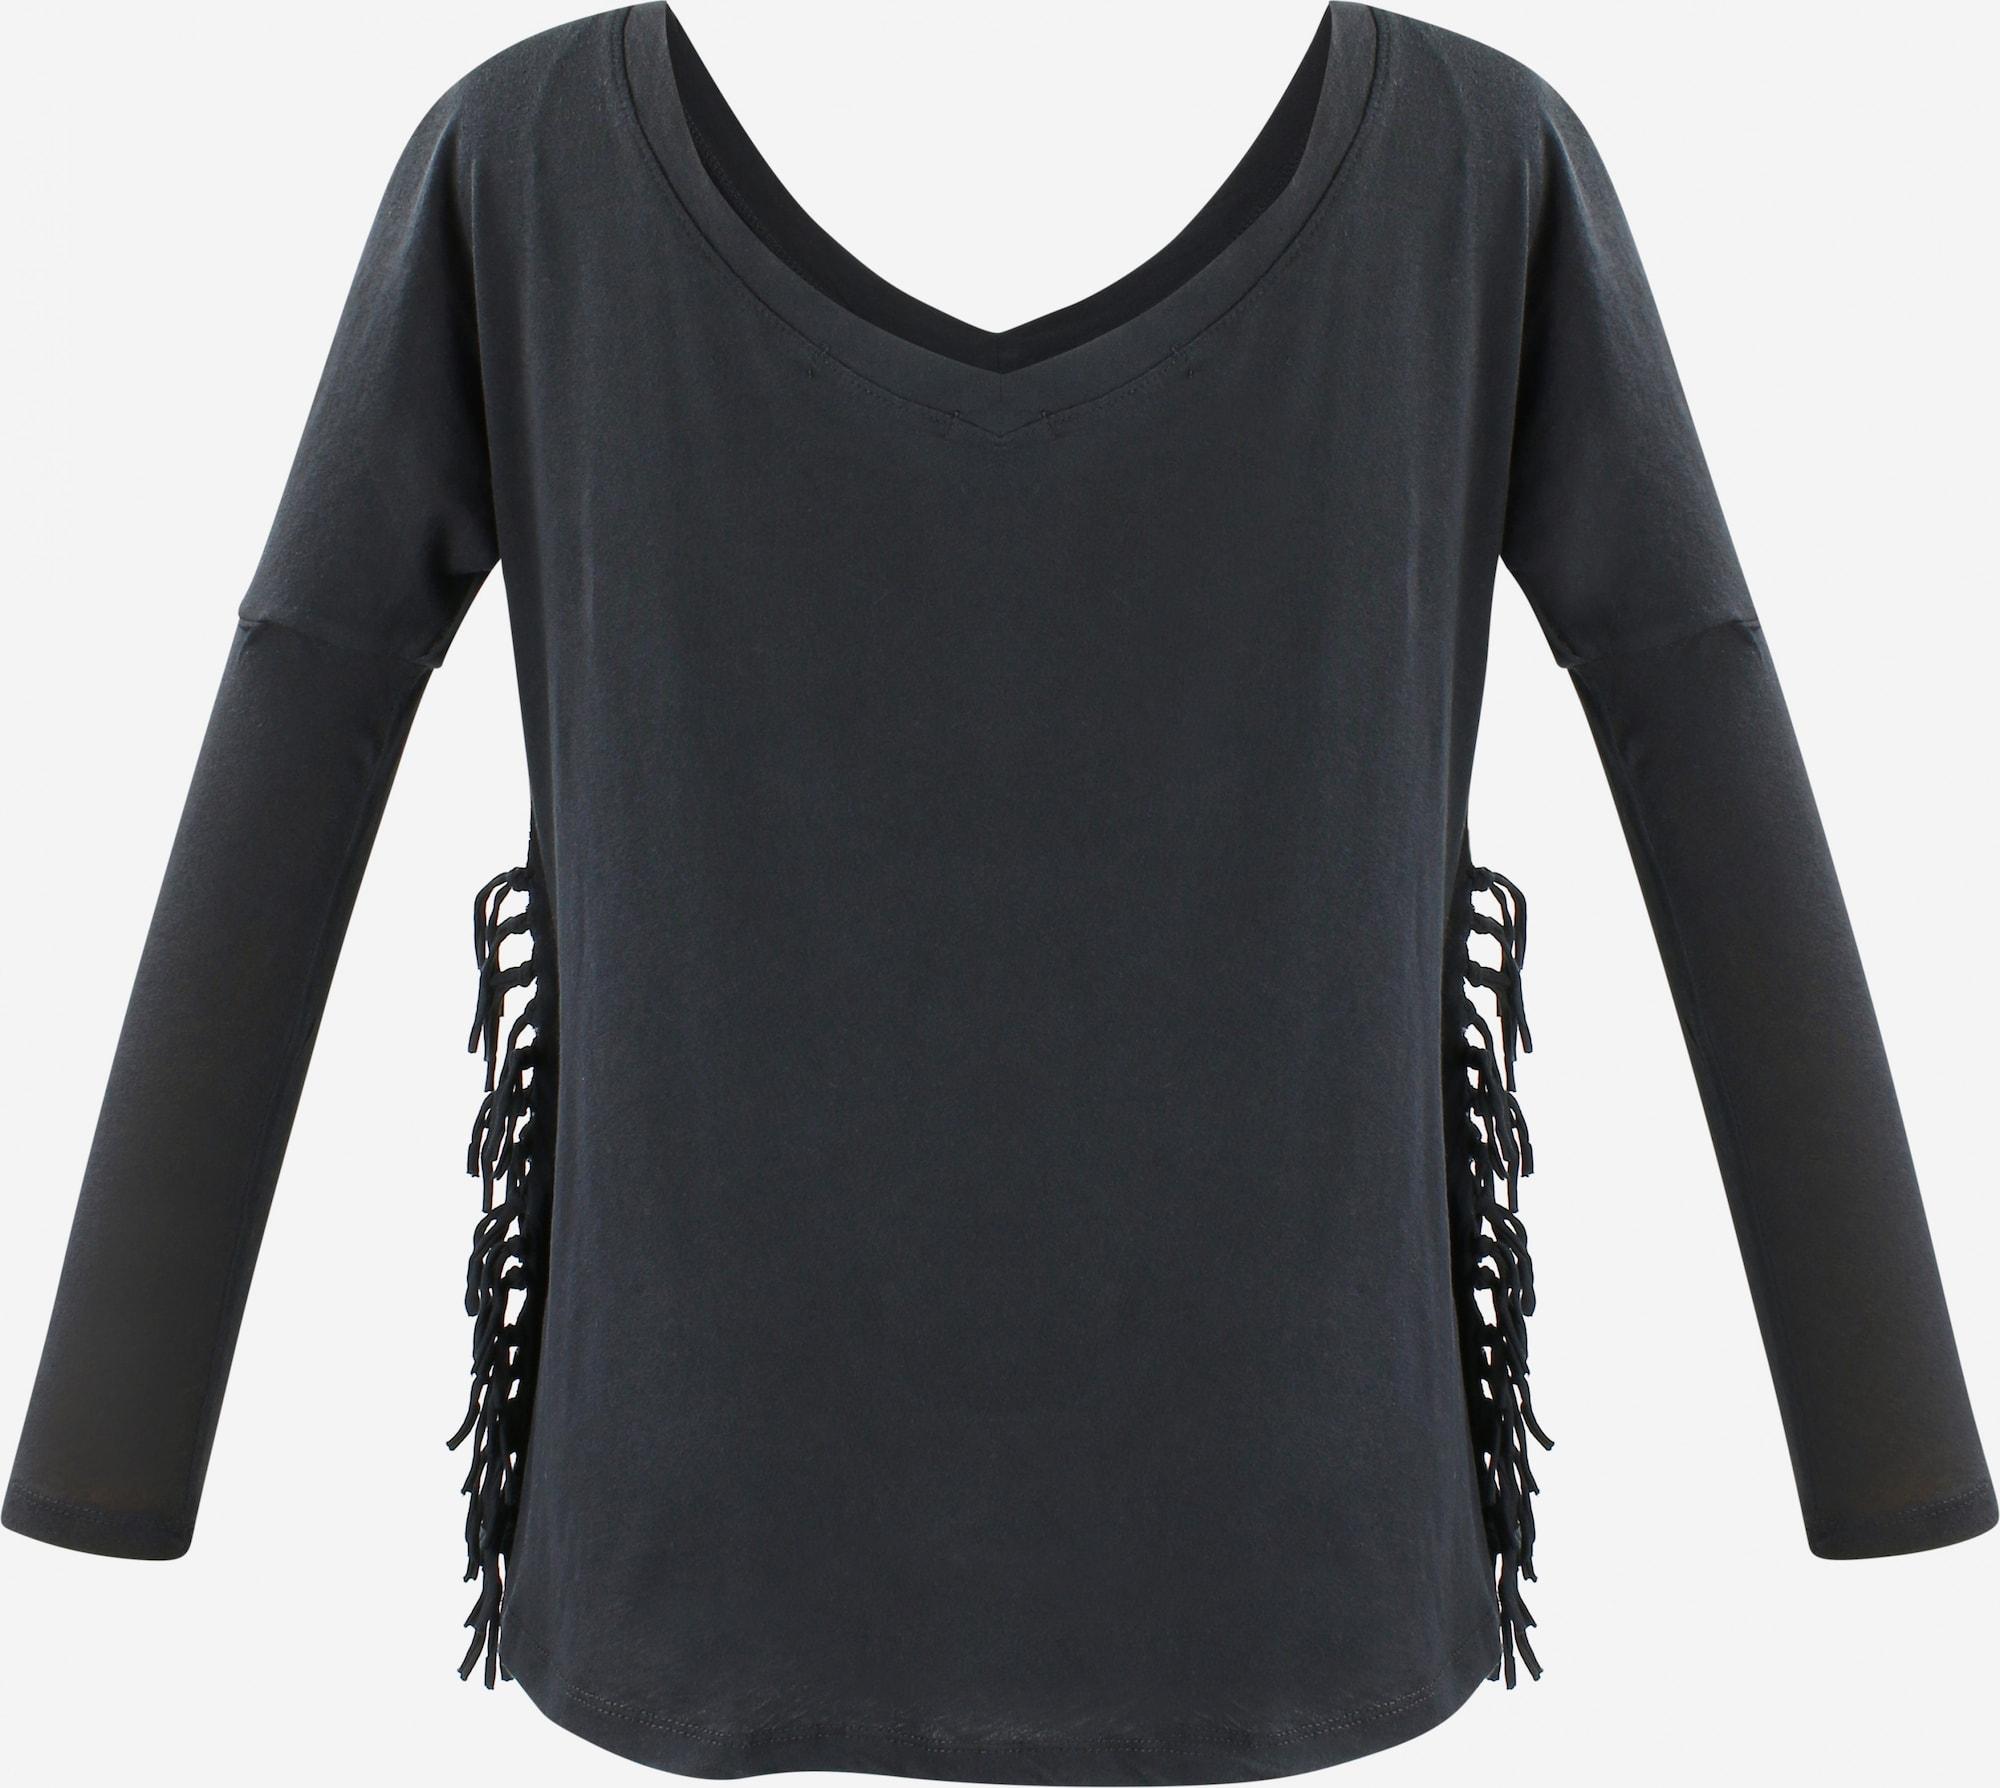 Langarmshirt   Bekleidung > Shirts > Langarmshirts   trueprodigy